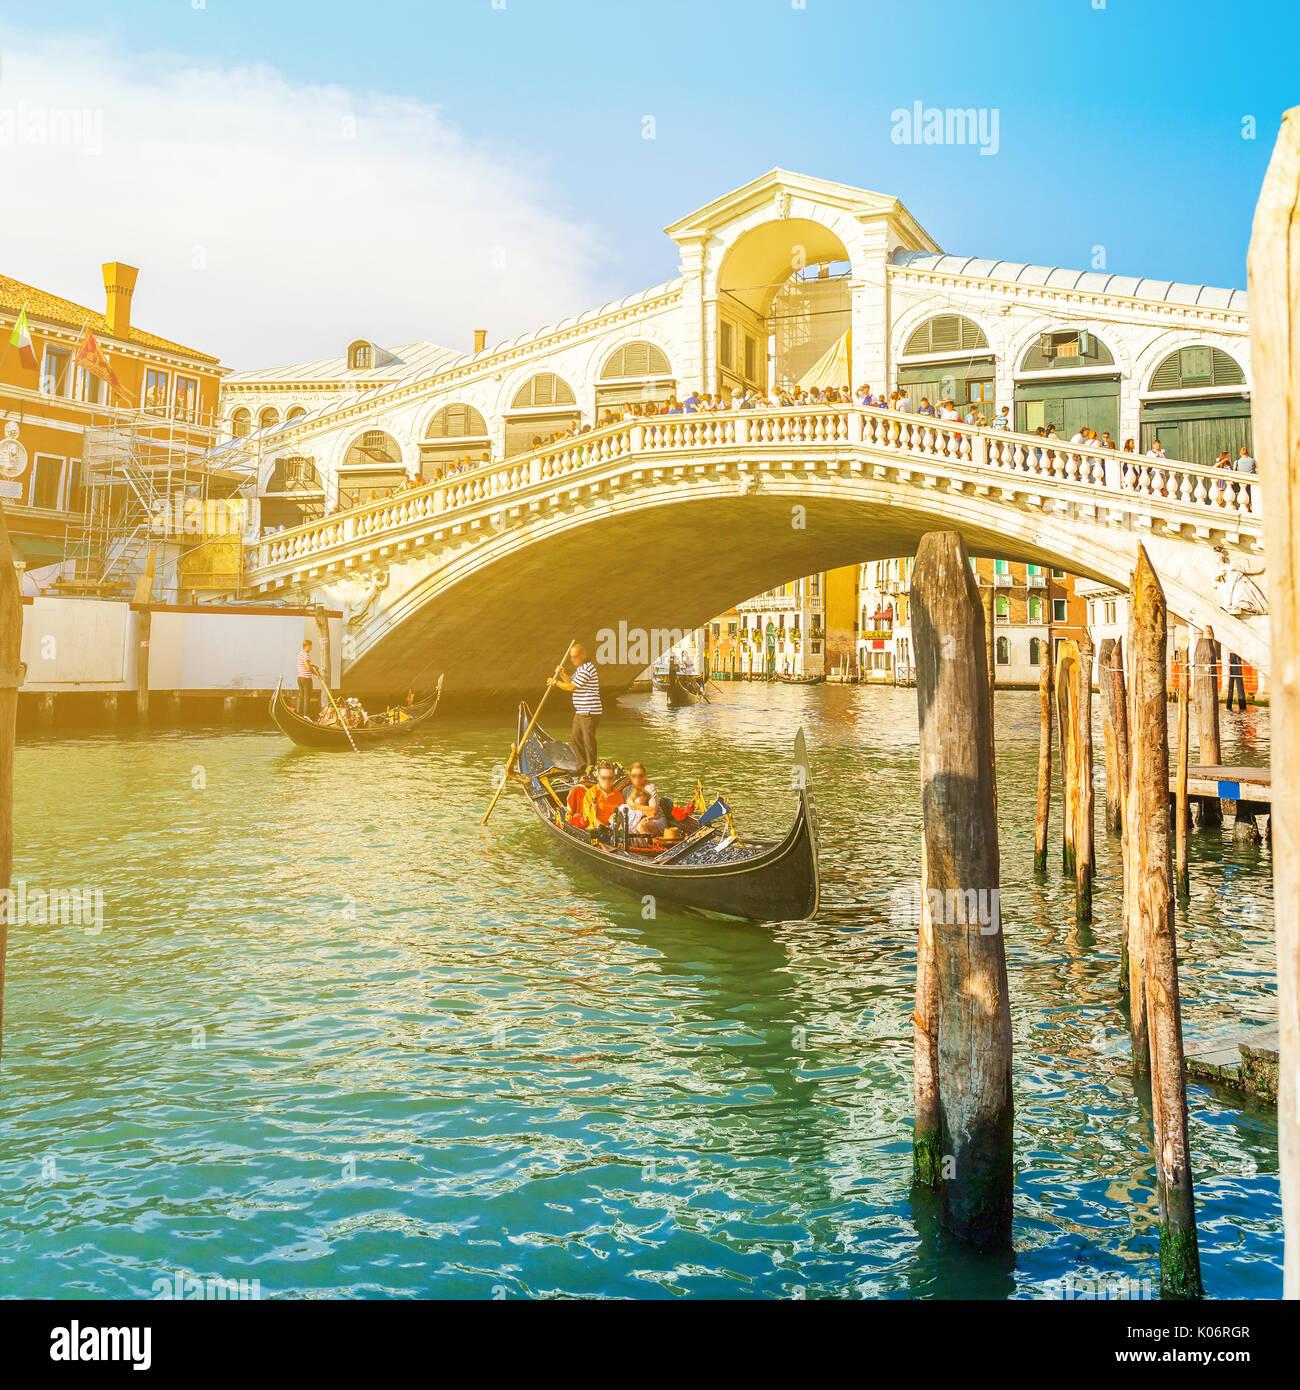 Blick auf die Rialto Brücke bei Sonnenuntergang in Venedig, Italien Stockbild